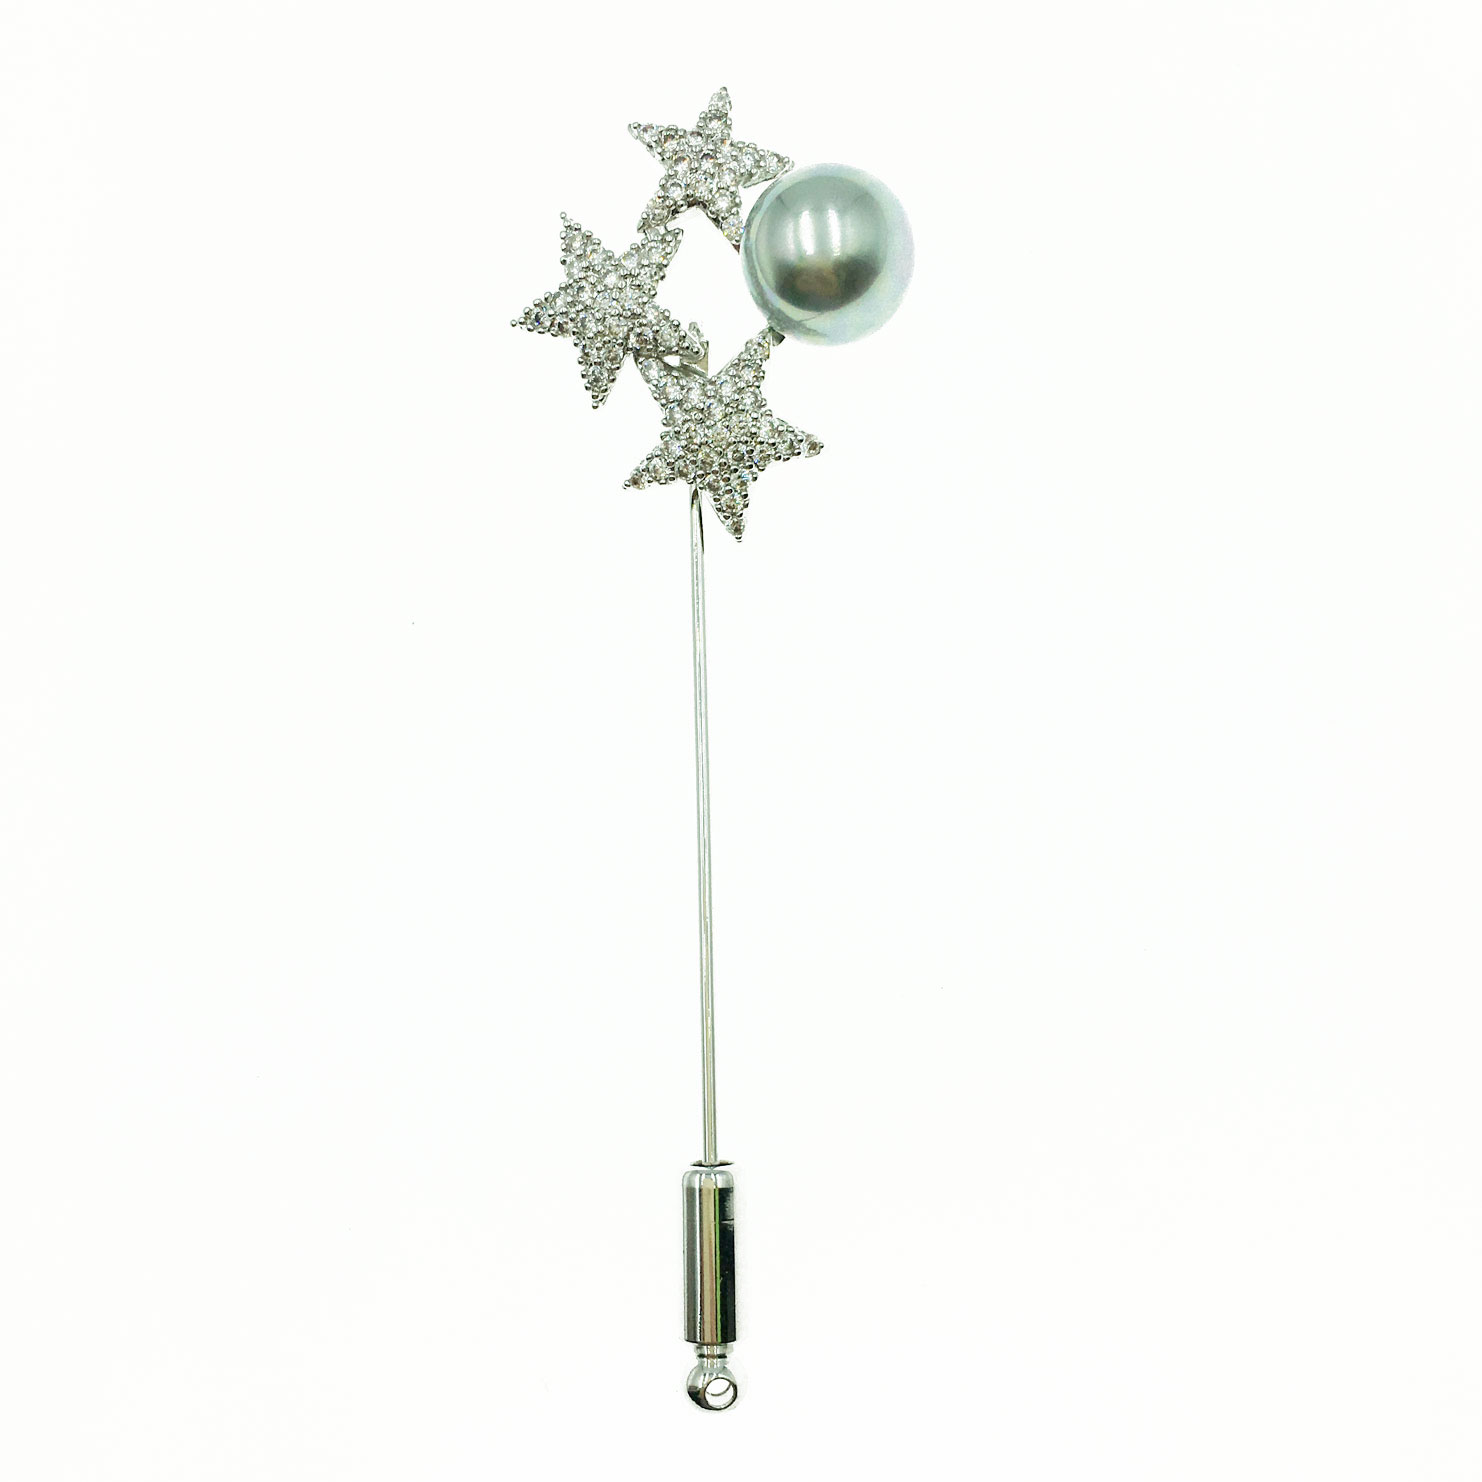 韓國 三星灰珍珠 水鑽 管塞 銀色 別針 胸針 採用施華洛世奇水晶元素 Crystals from Swarovski